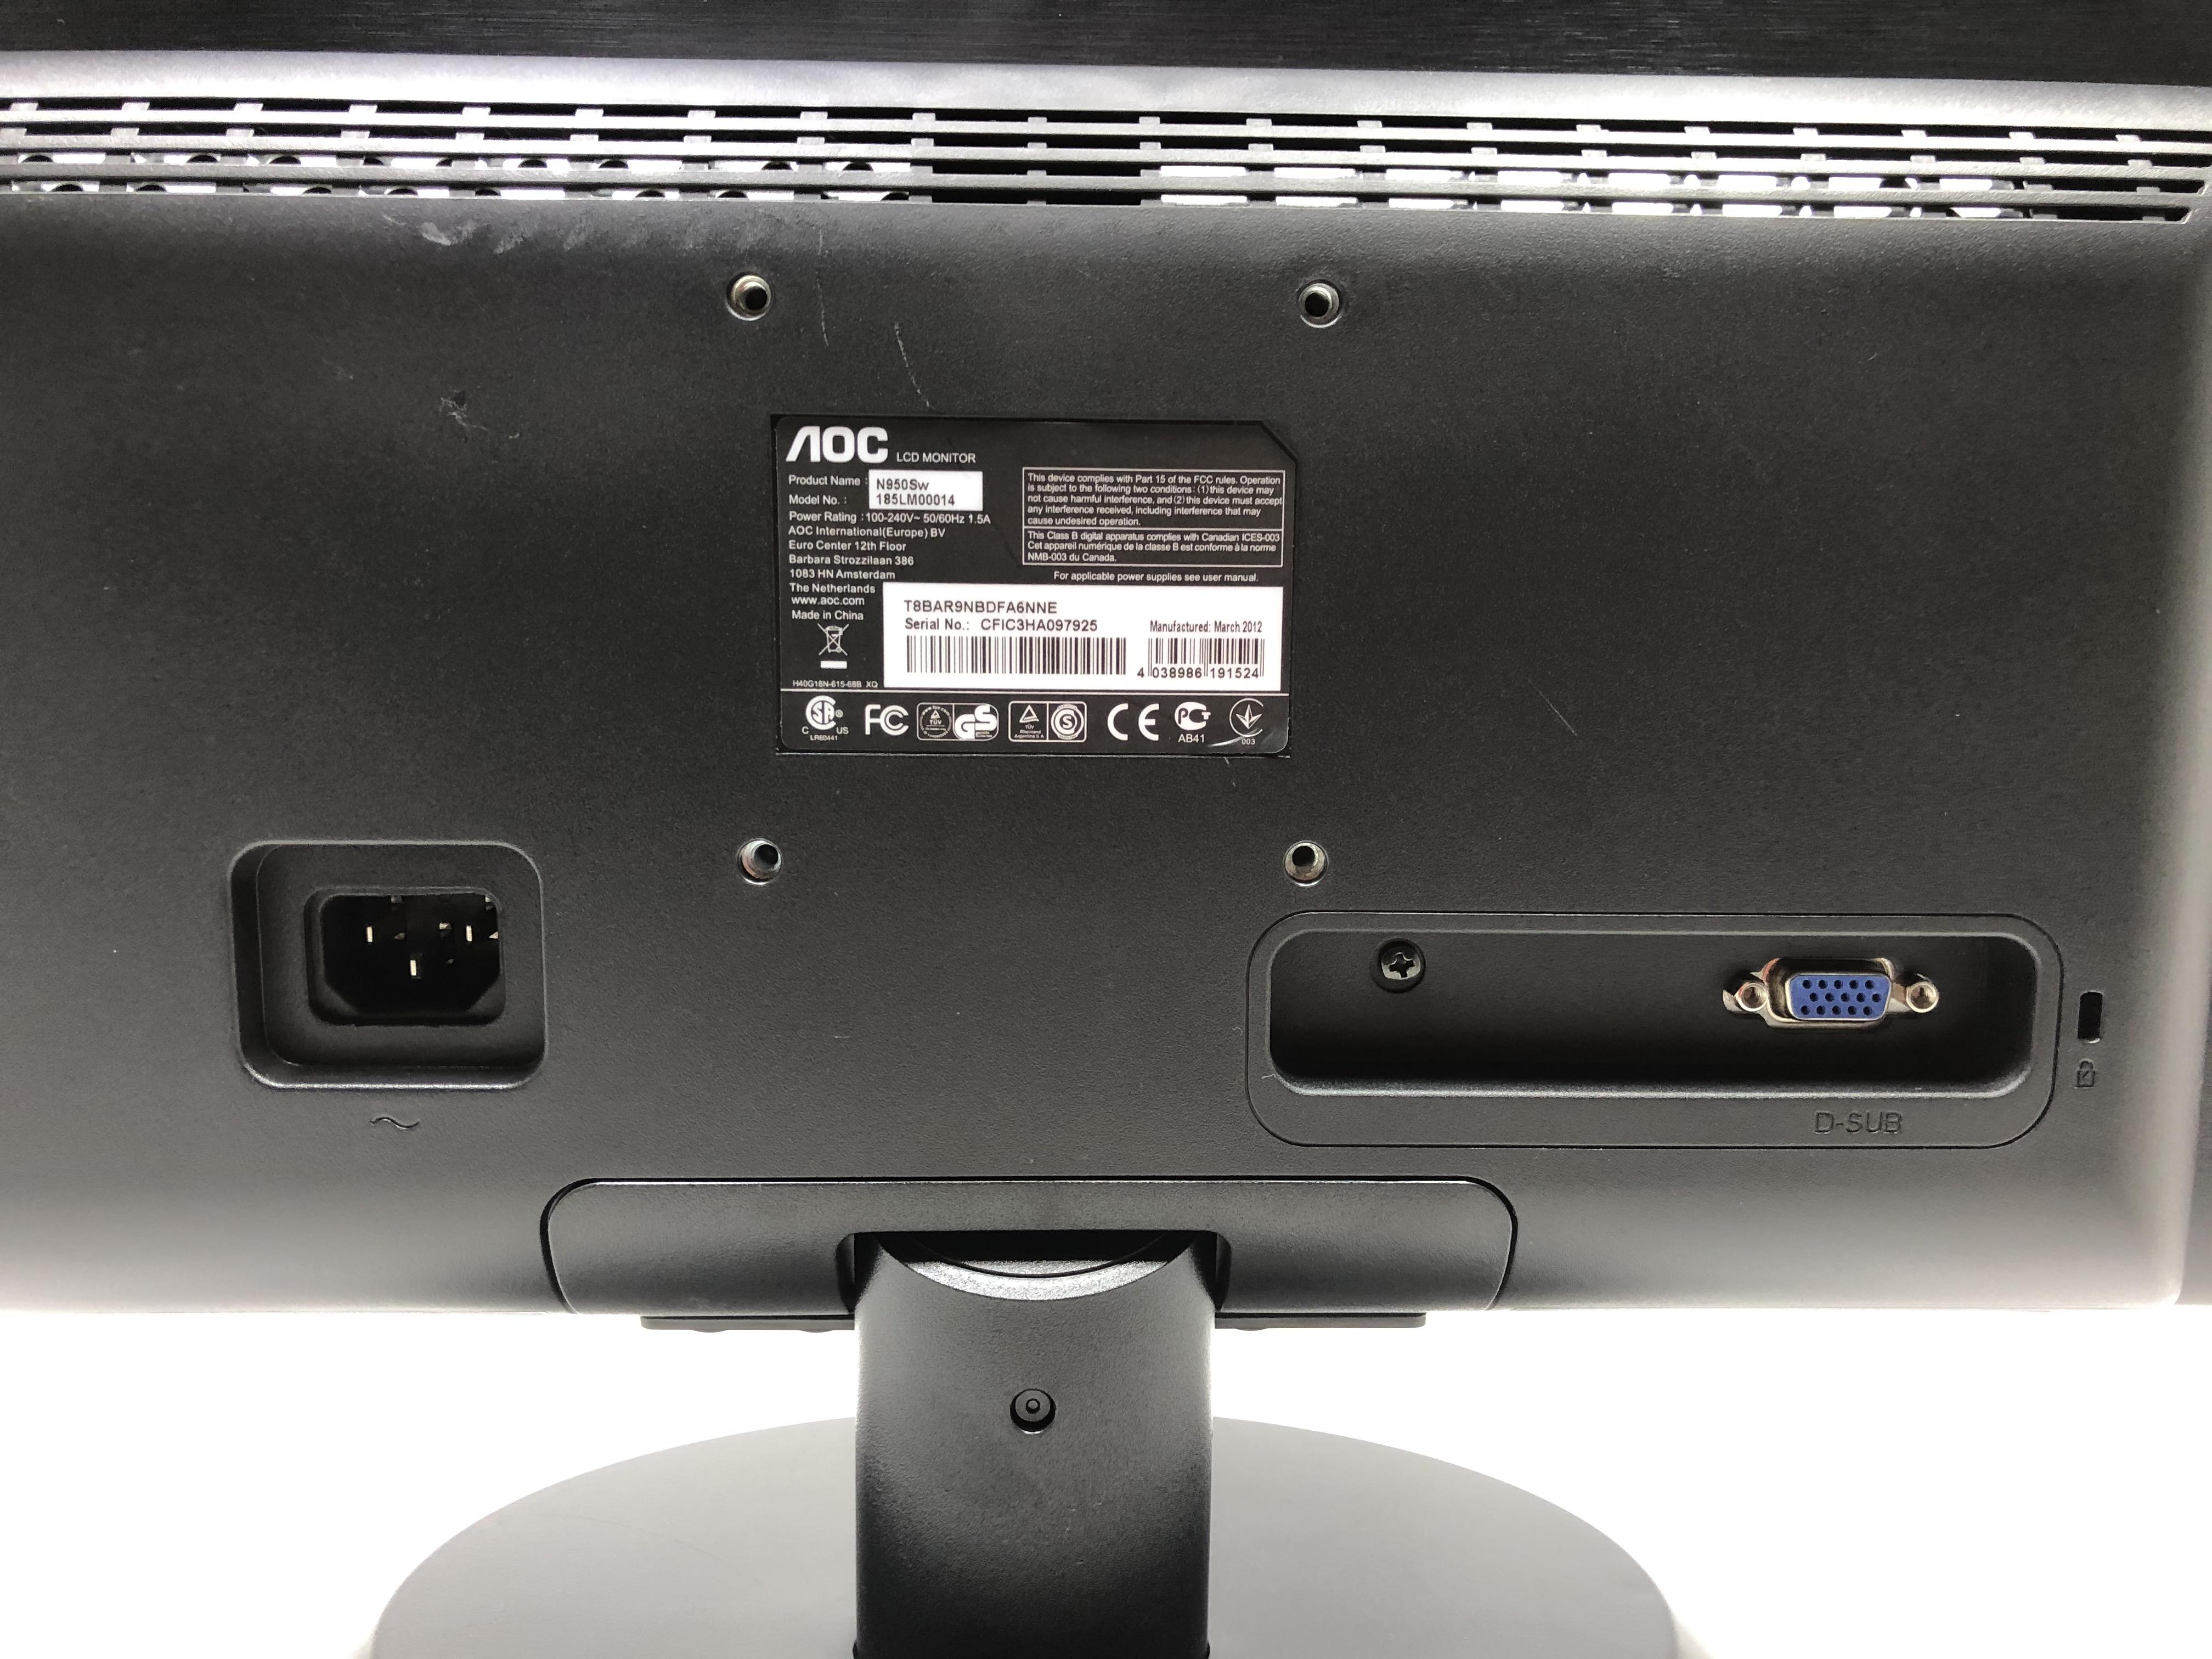 AOC N950sw No 5